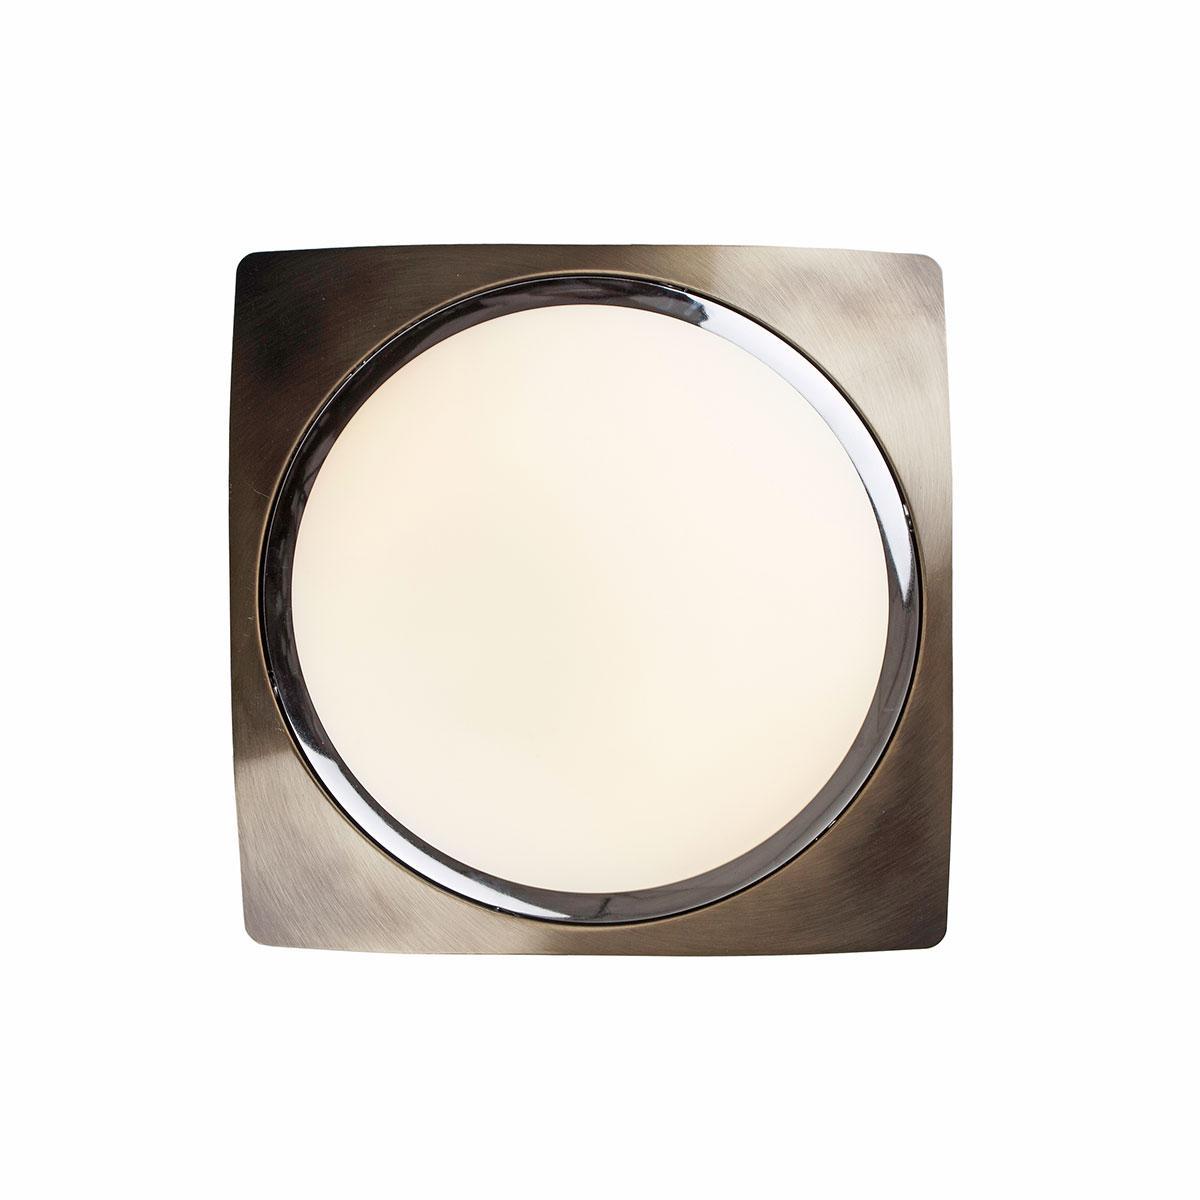 все цены на Потолочный светильник IDLamp Alessa 370/15PF-Oldbronze